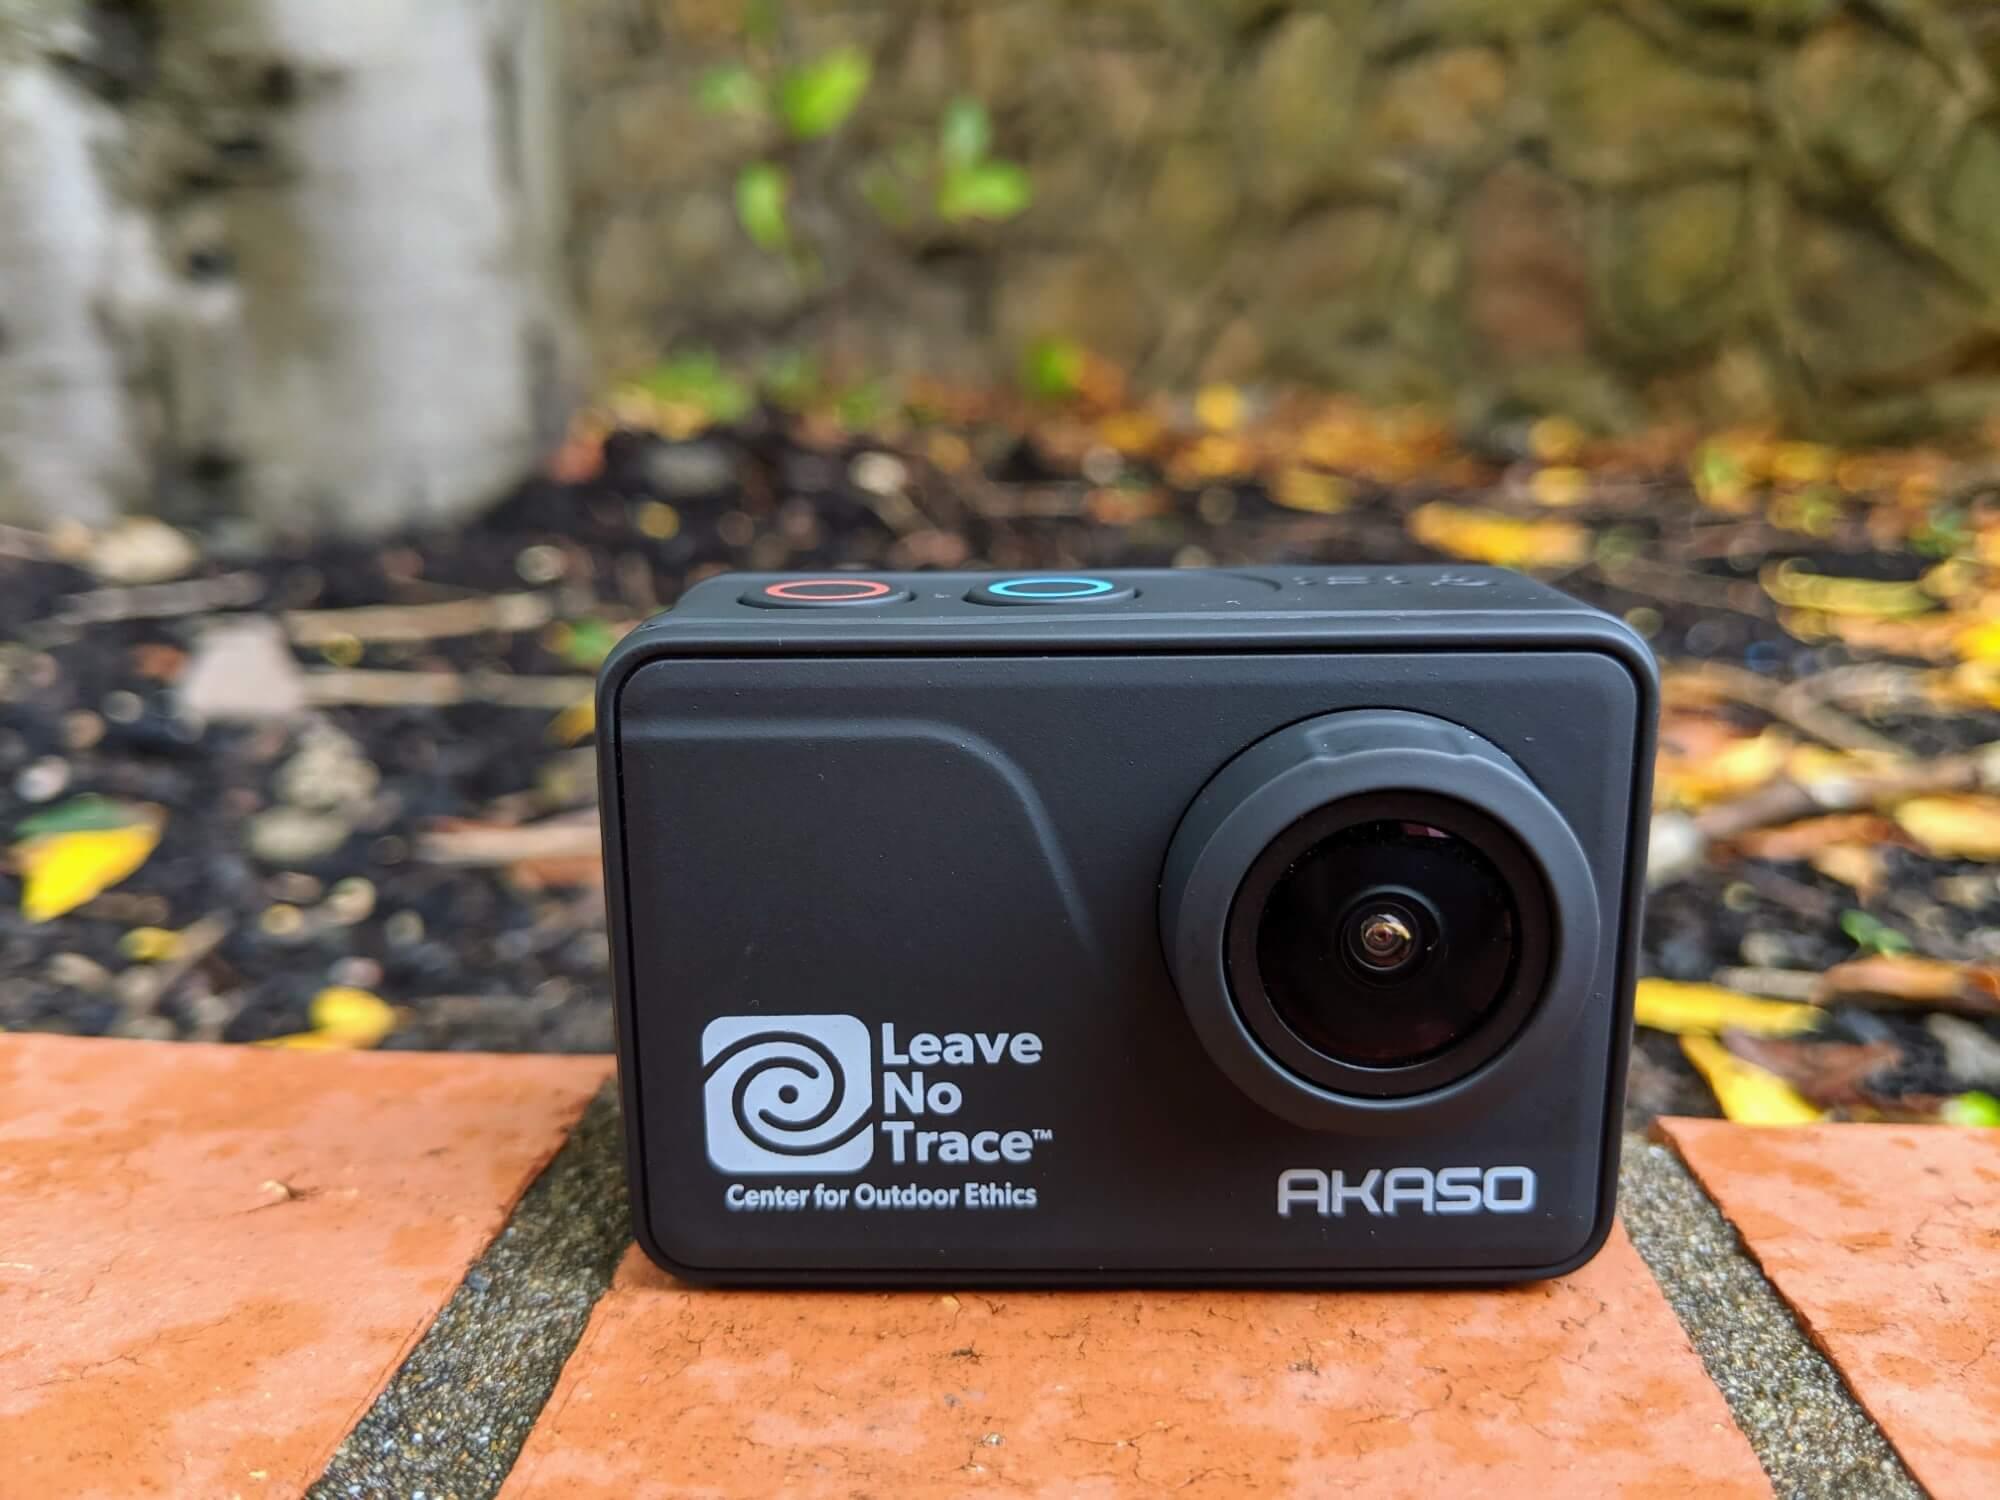 Akaso V50 Pro Native GoPro Alternative